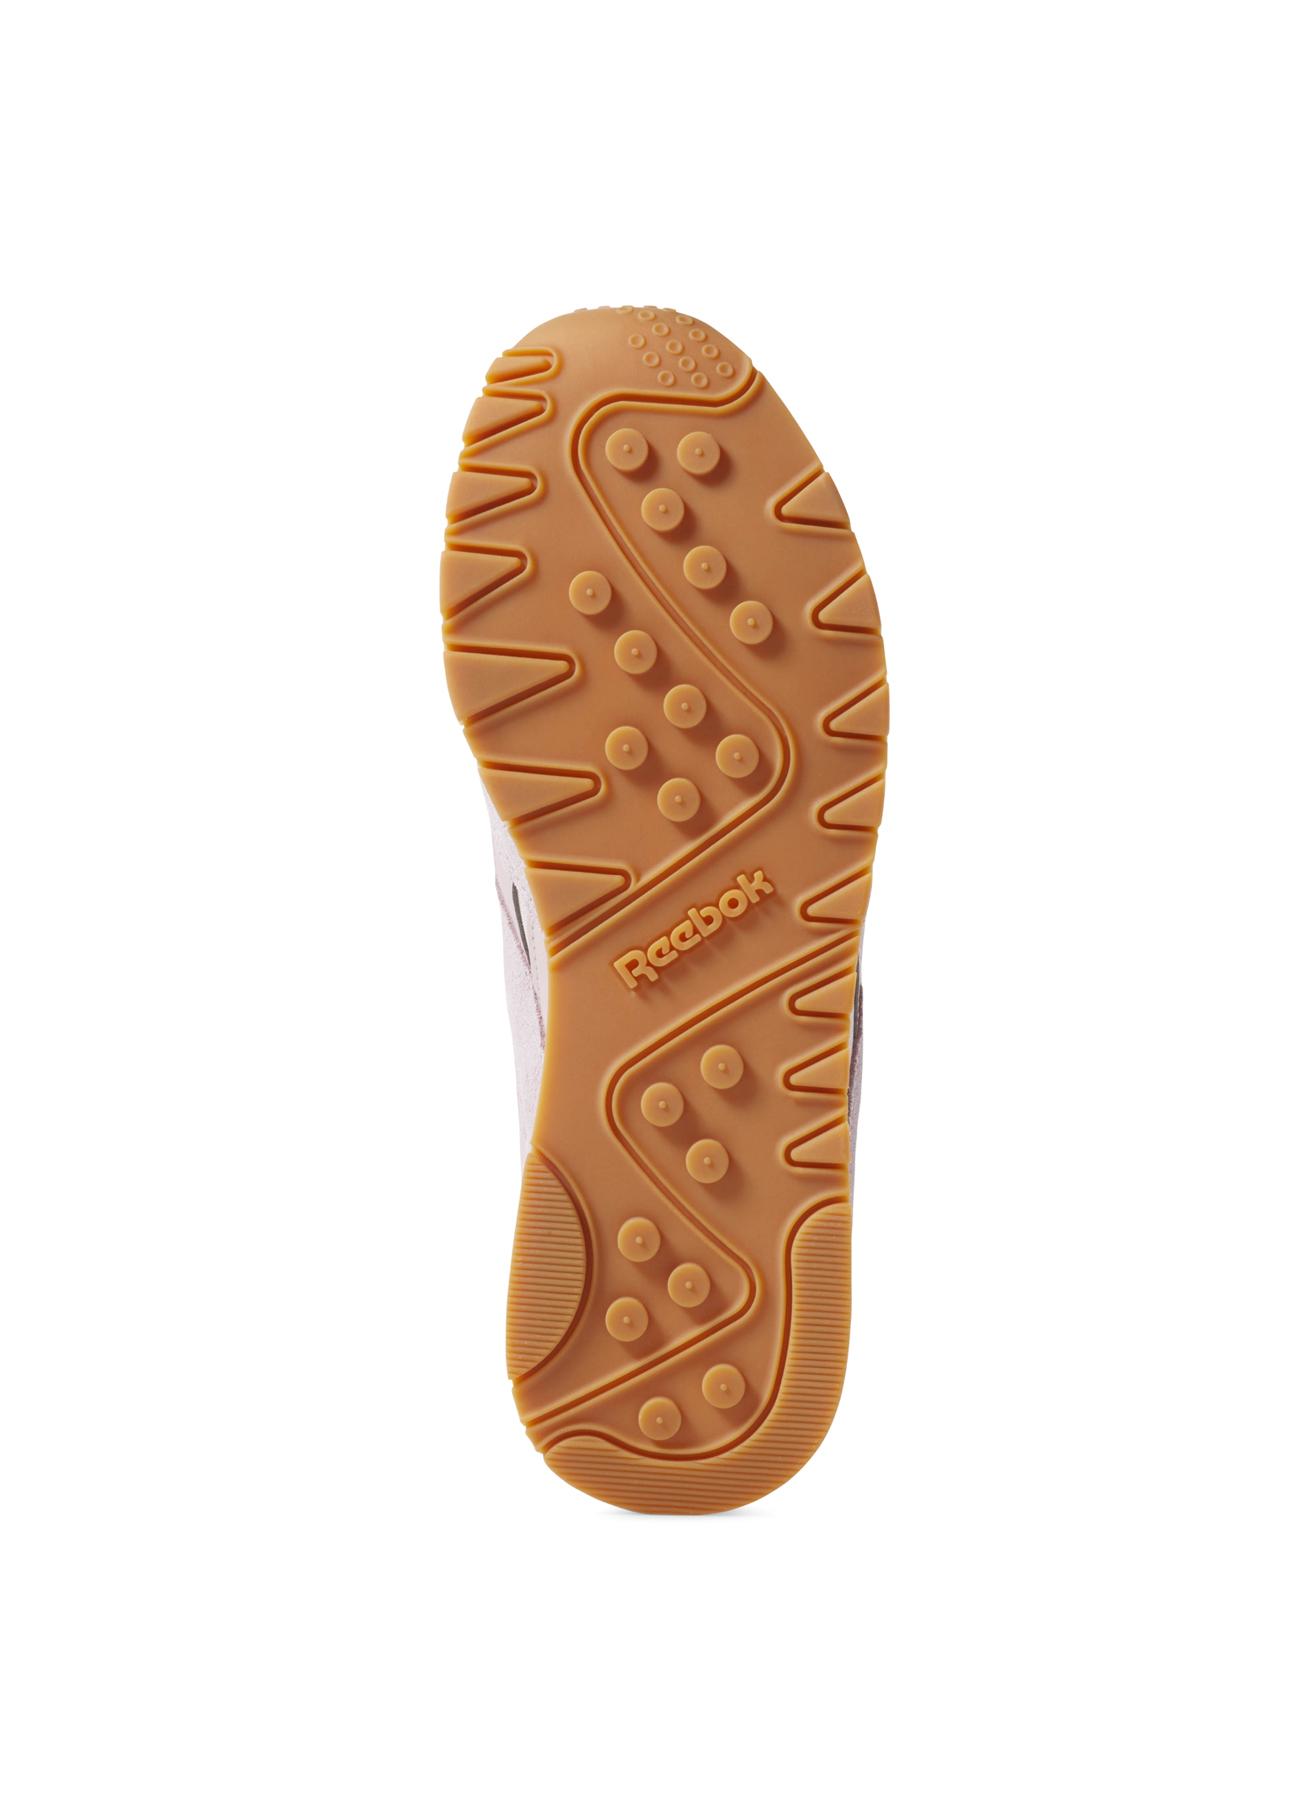 Reebok Lifestyle Ayakkabı 38.5 5002359608007 Ürün Resmi